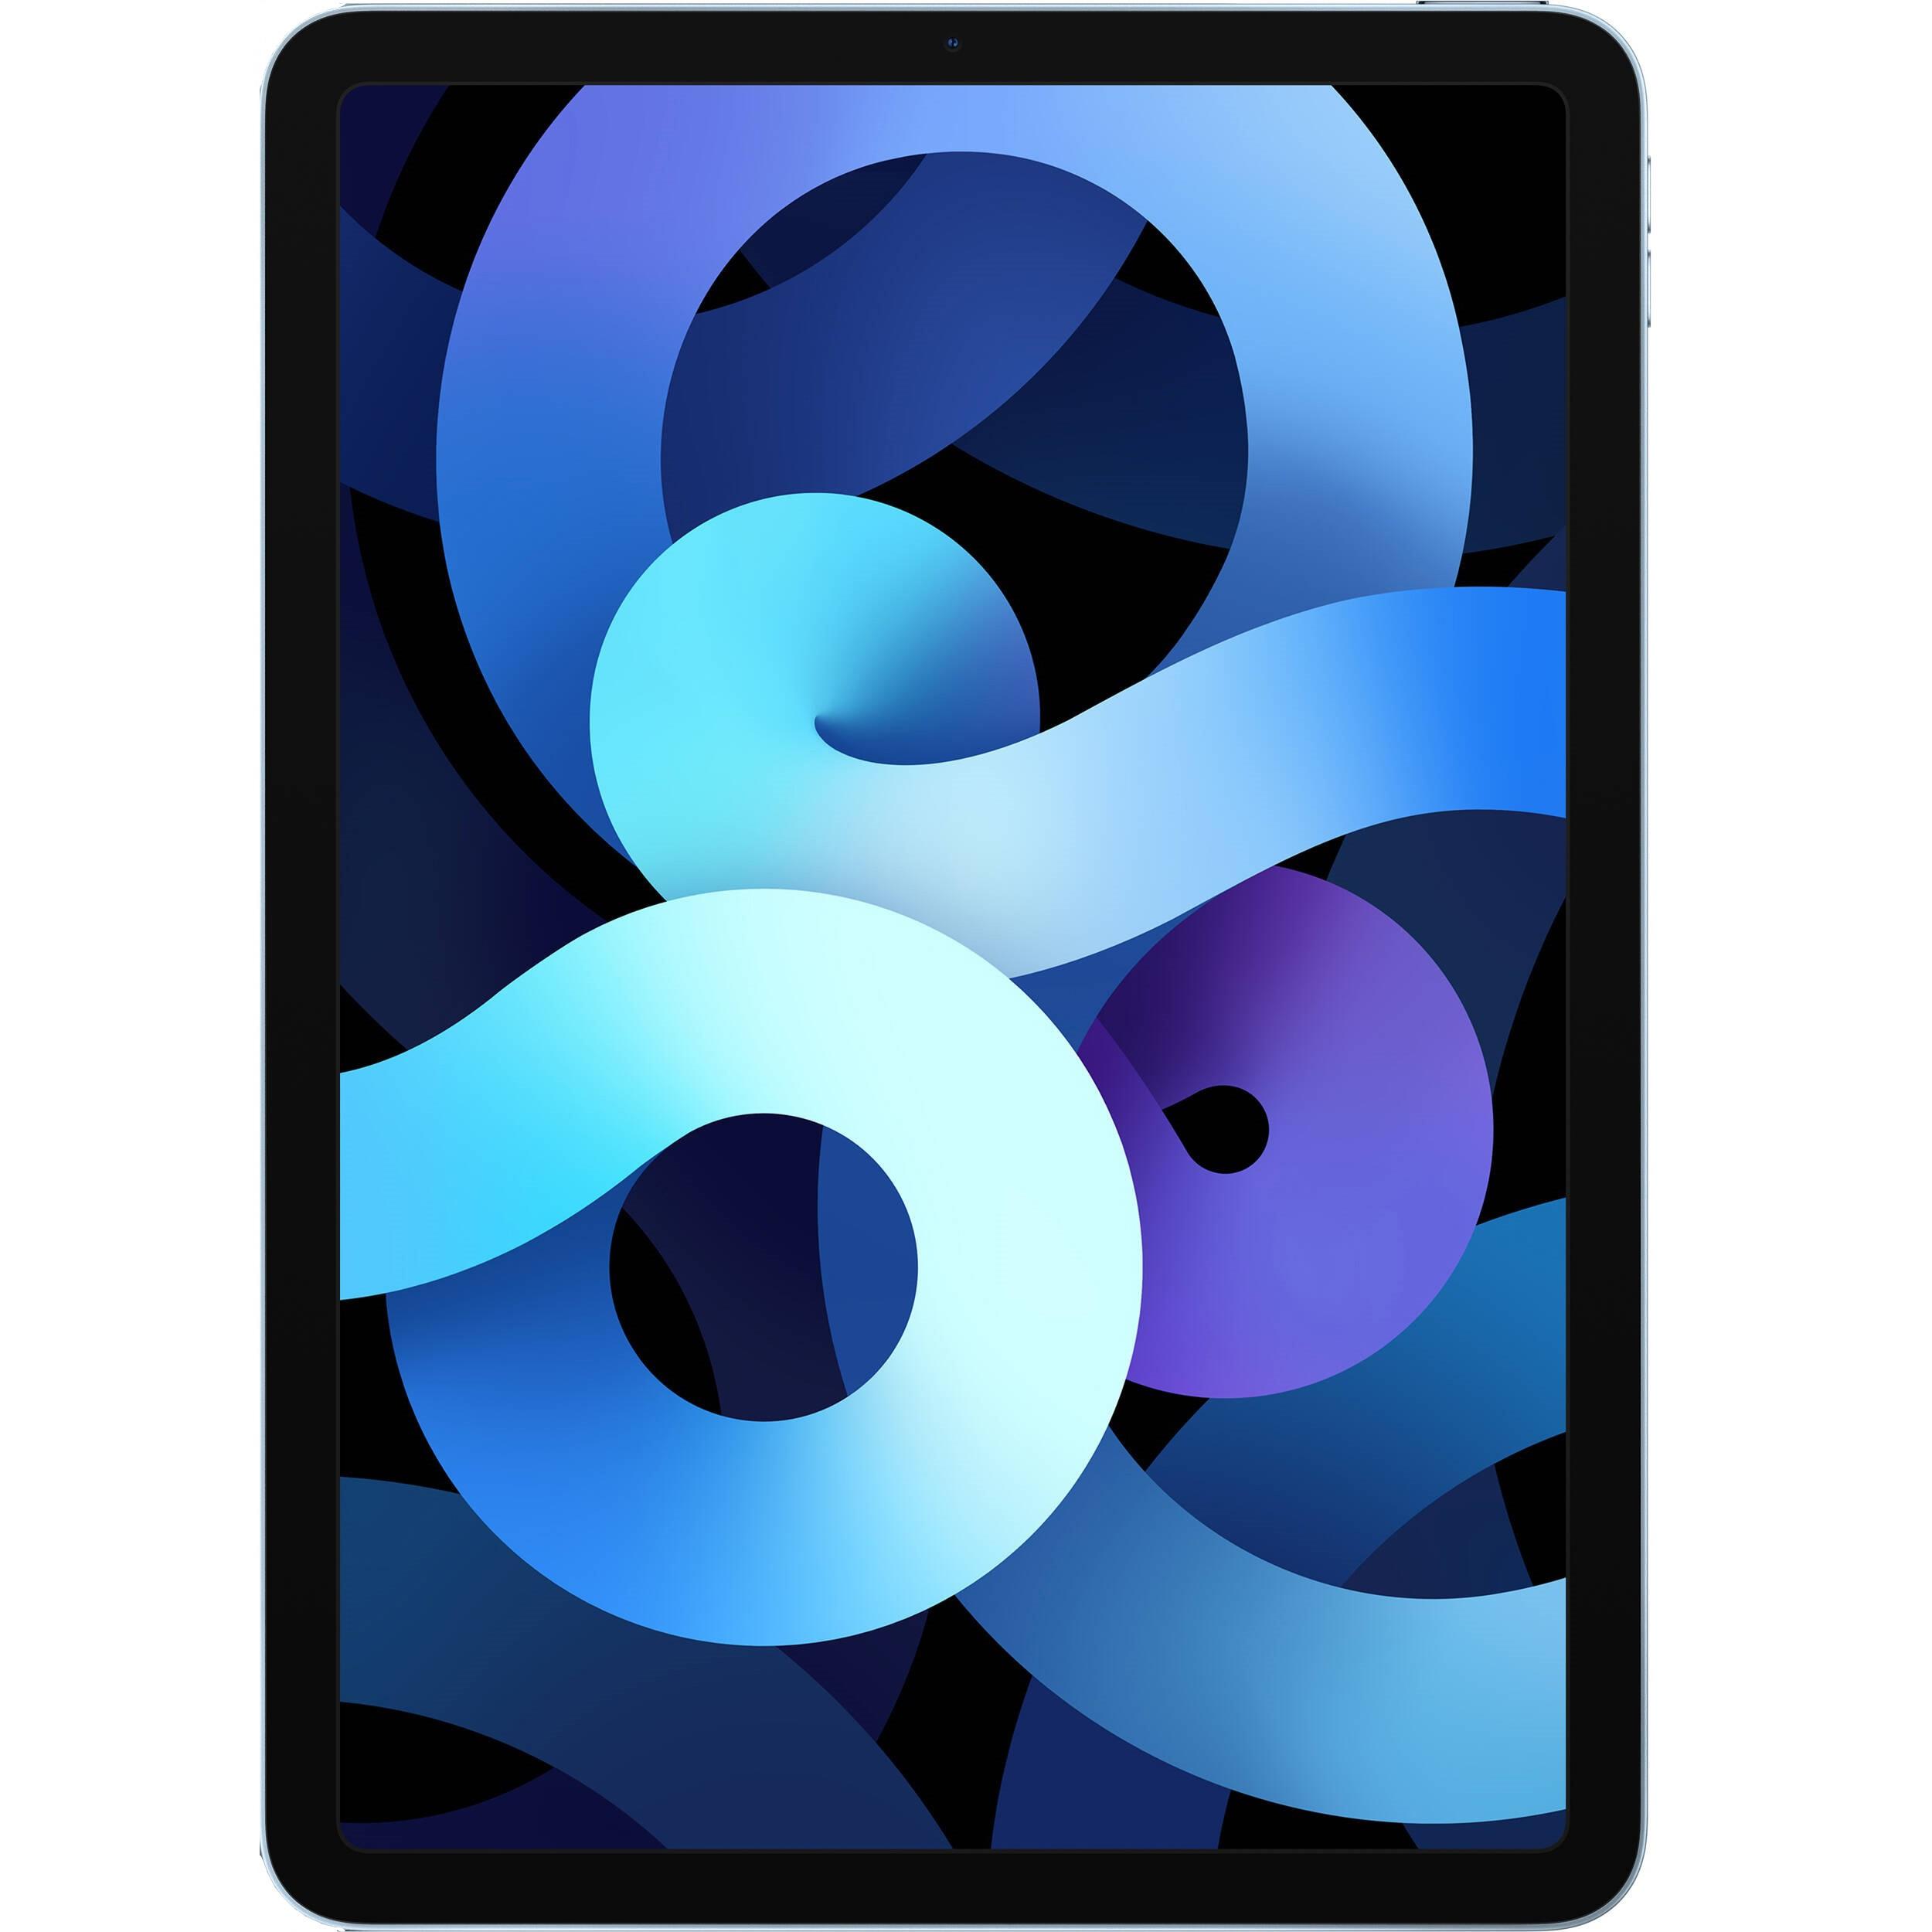 فروش نقدی و اقساطی تبلت اپل مدل iPad Air 10.9 inch 2020 4G ظرفیت 64 گیگابایت